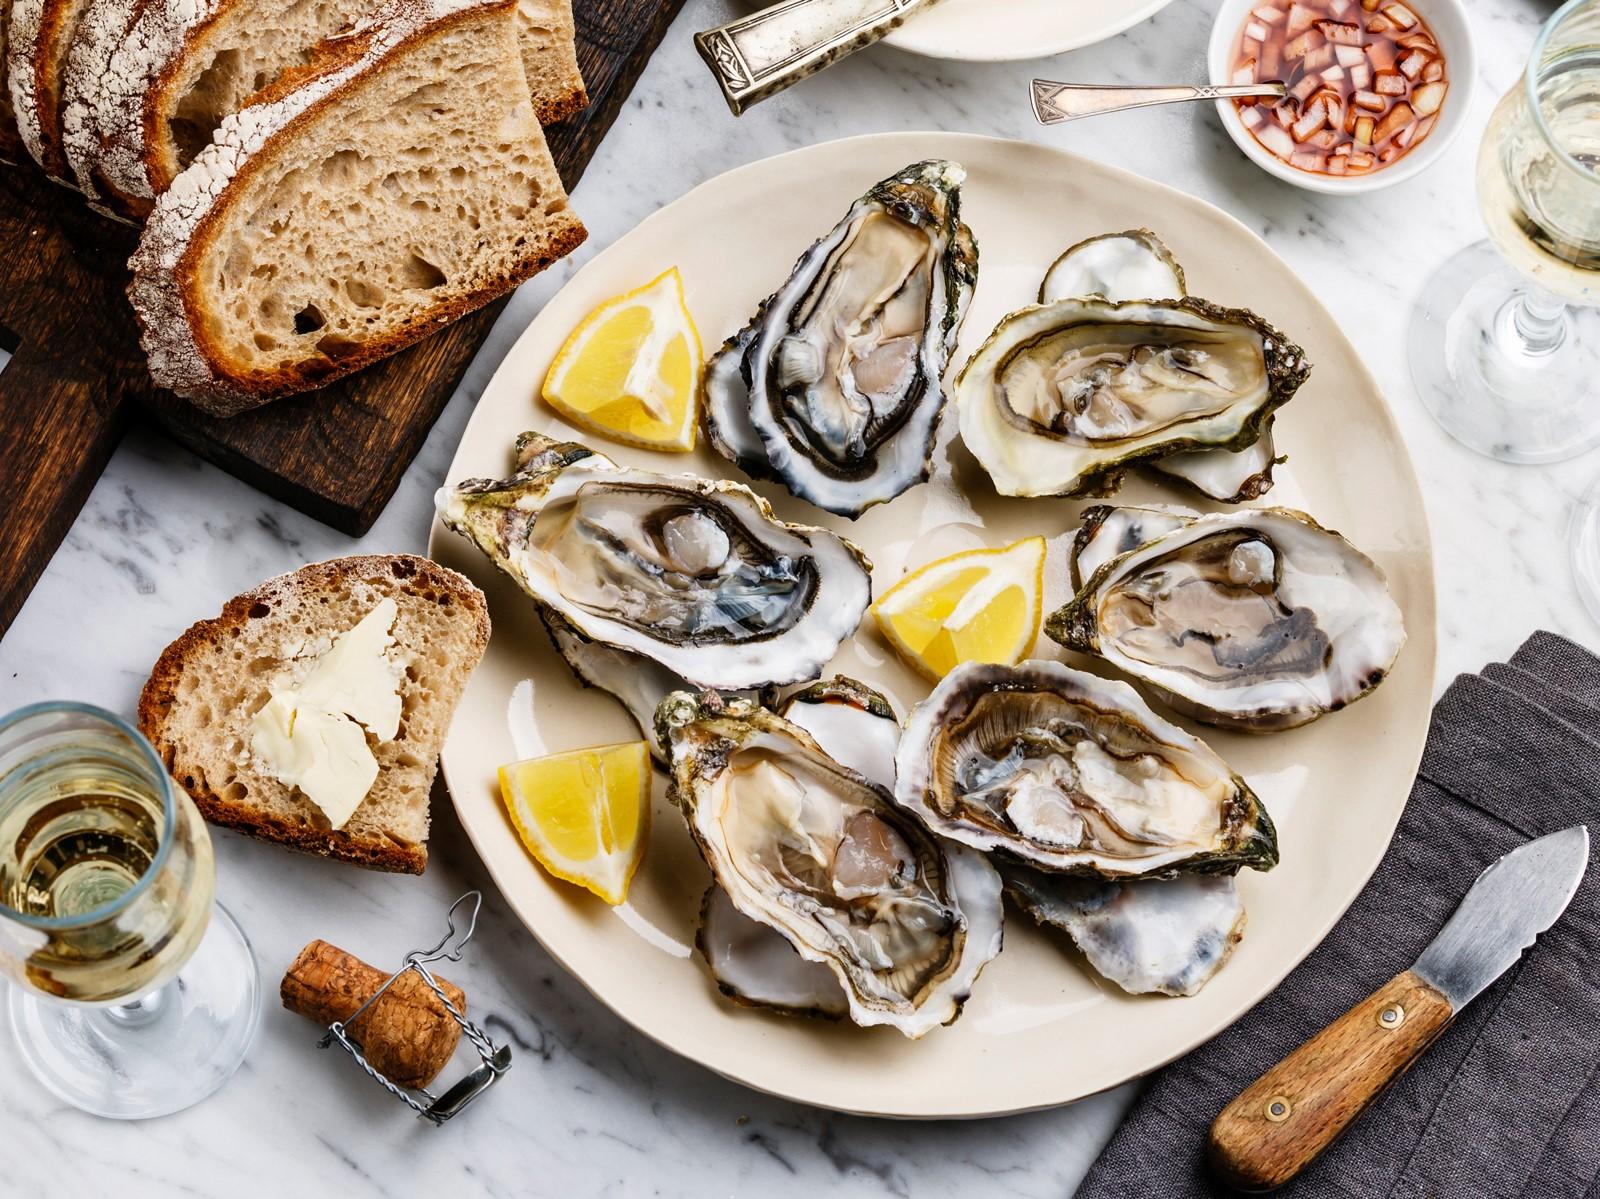 Repas romantique facile: délicieuses huîtres.